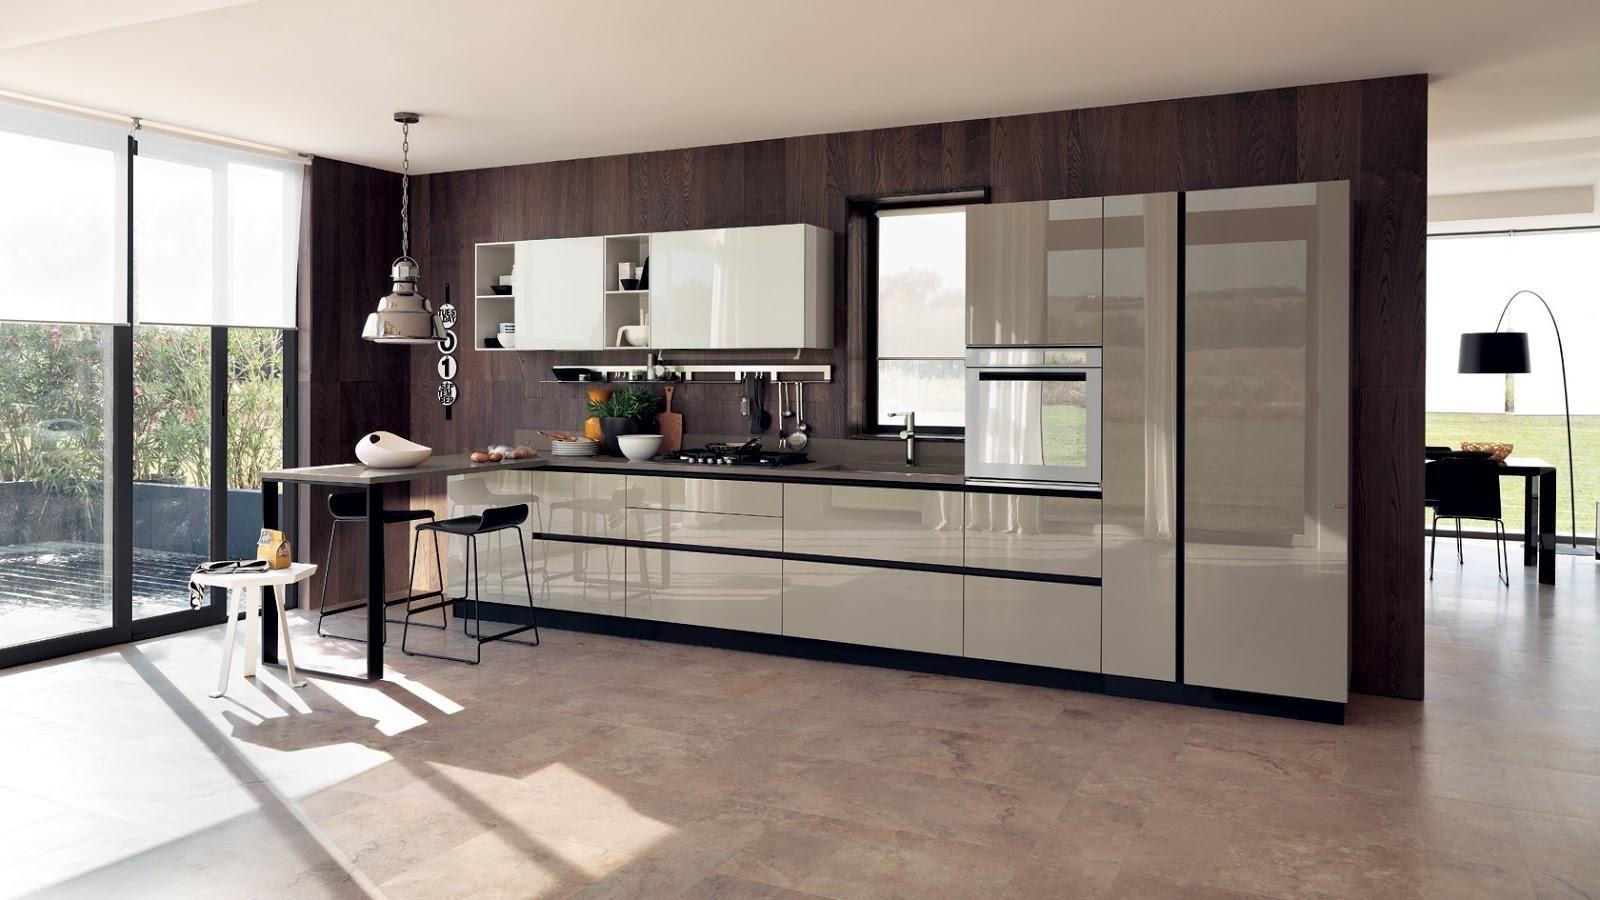 Diseños de cocinas modernas | Cocina | Pinterest | Modern kitchen ...